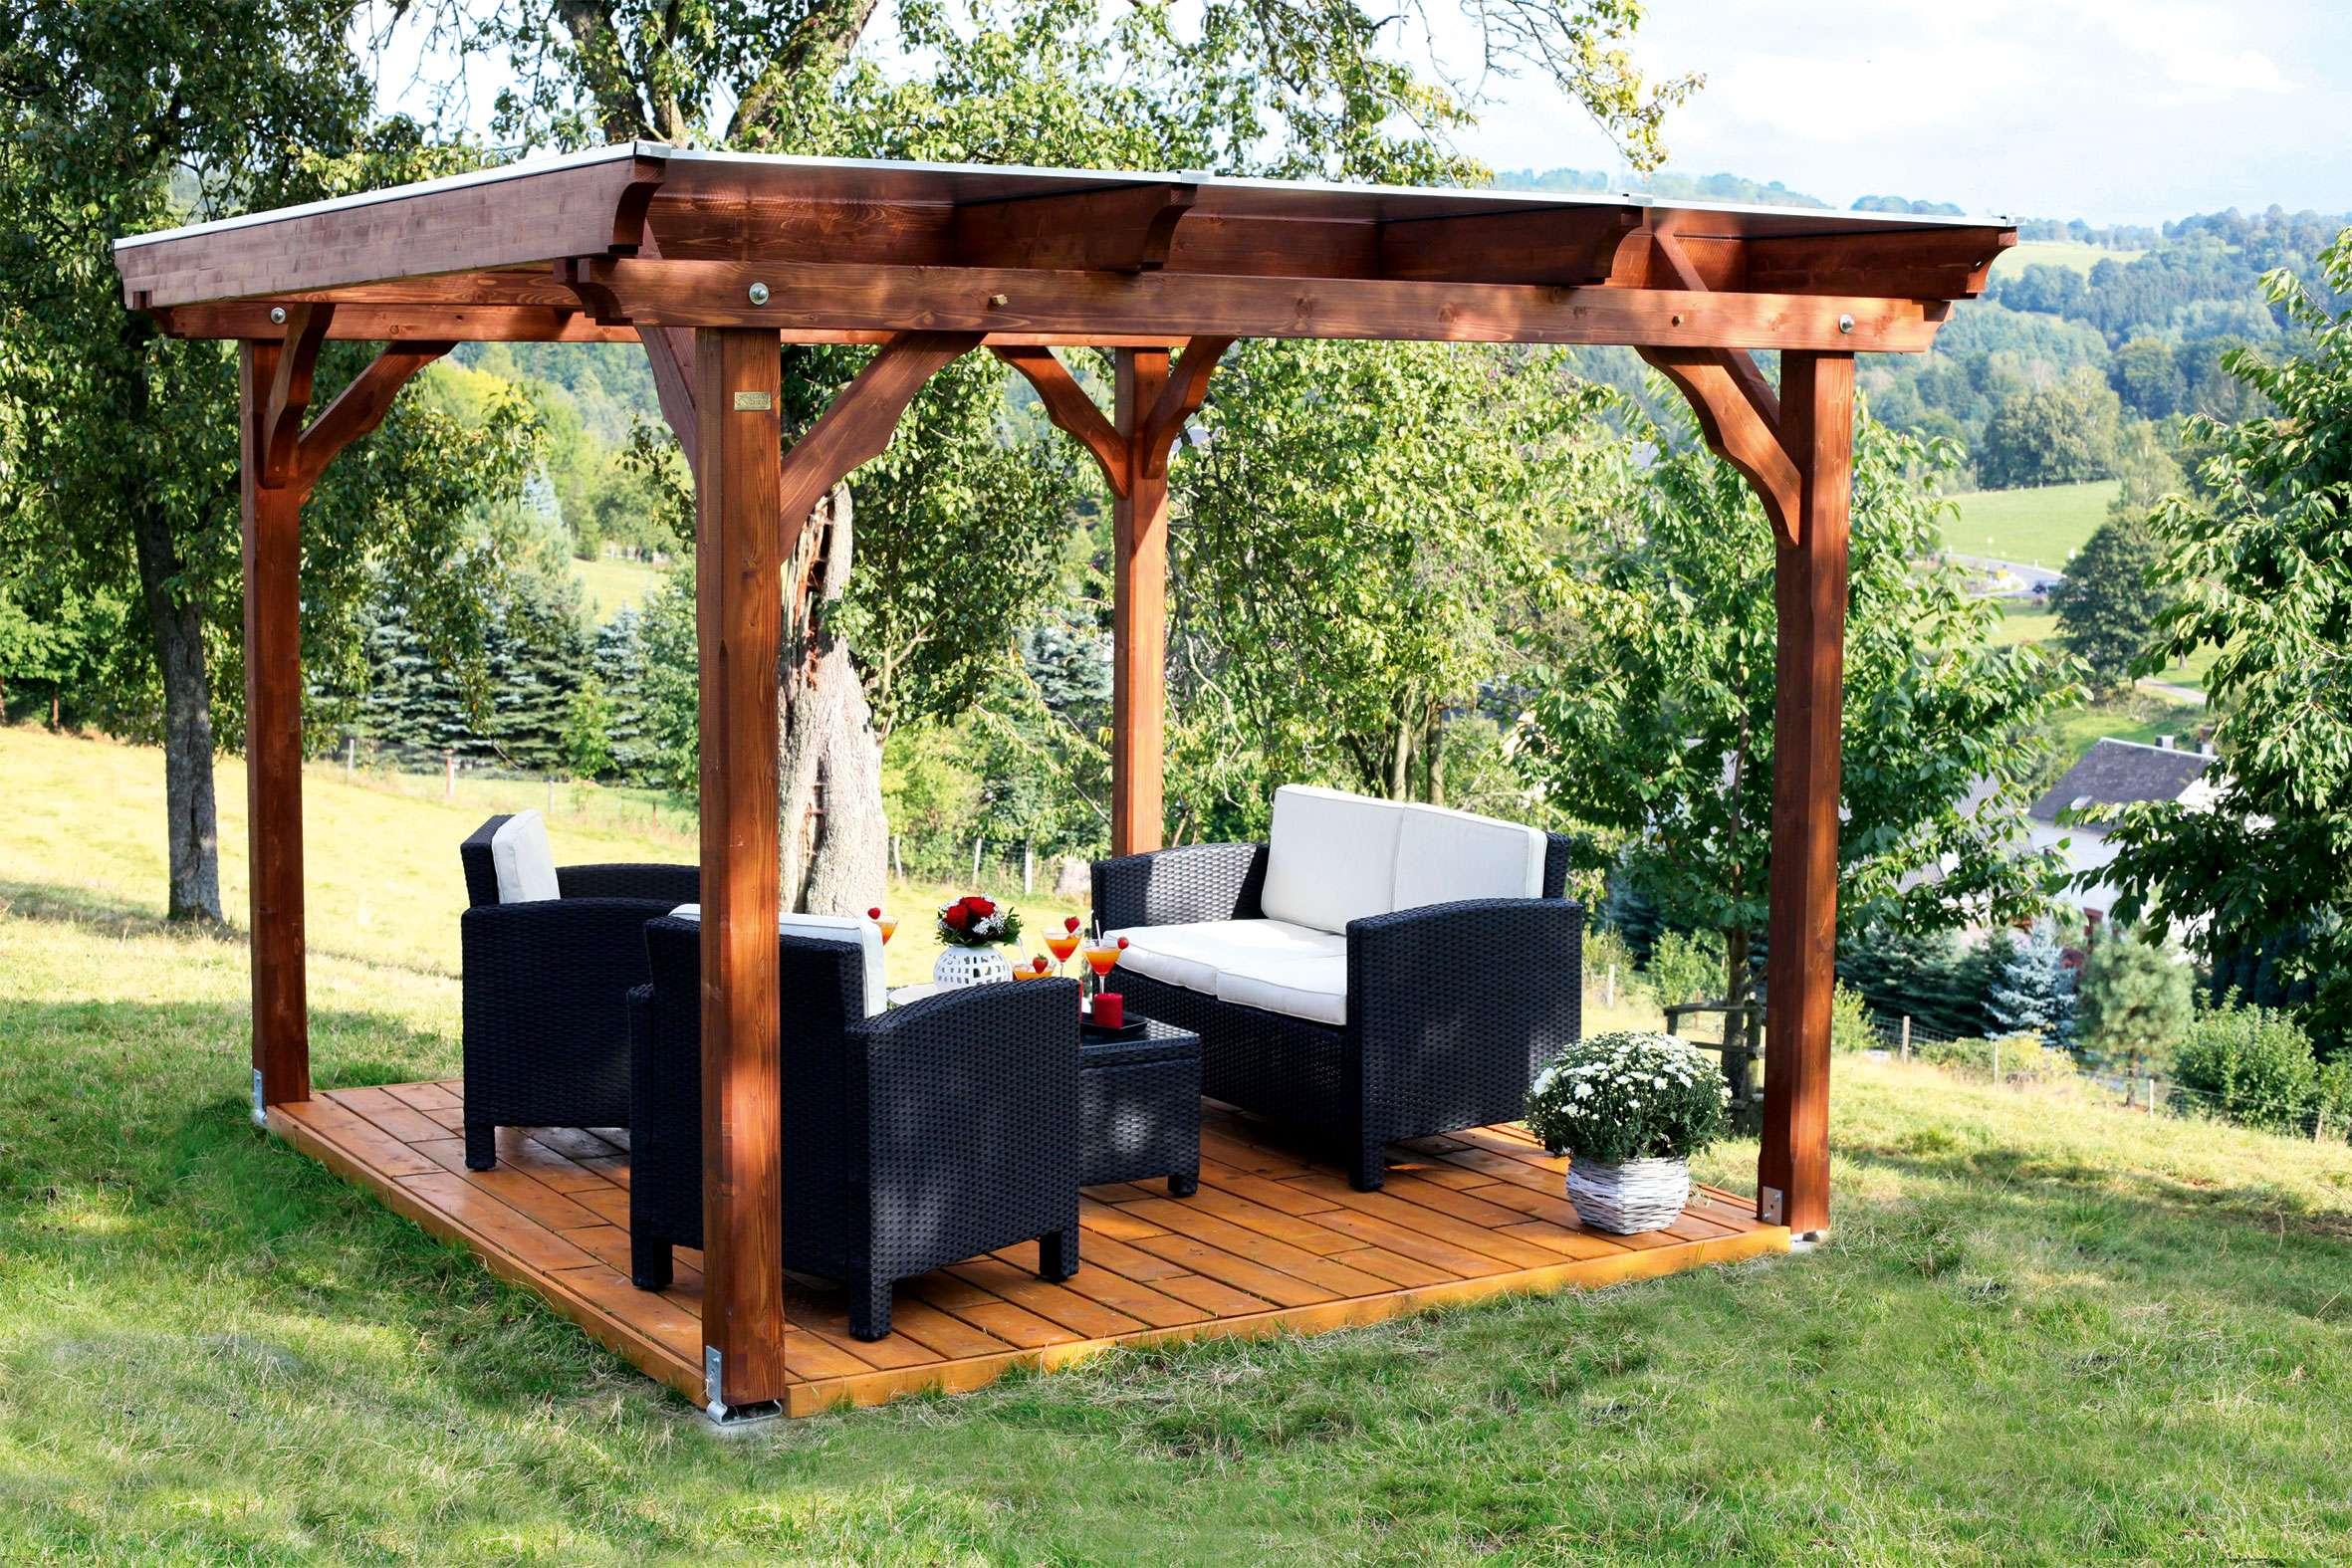 Holzpavillon Kaufen - Holz-pavillon-bausätze Vom Fachmann Gartenlaube Aus Holz Gartenpavillon